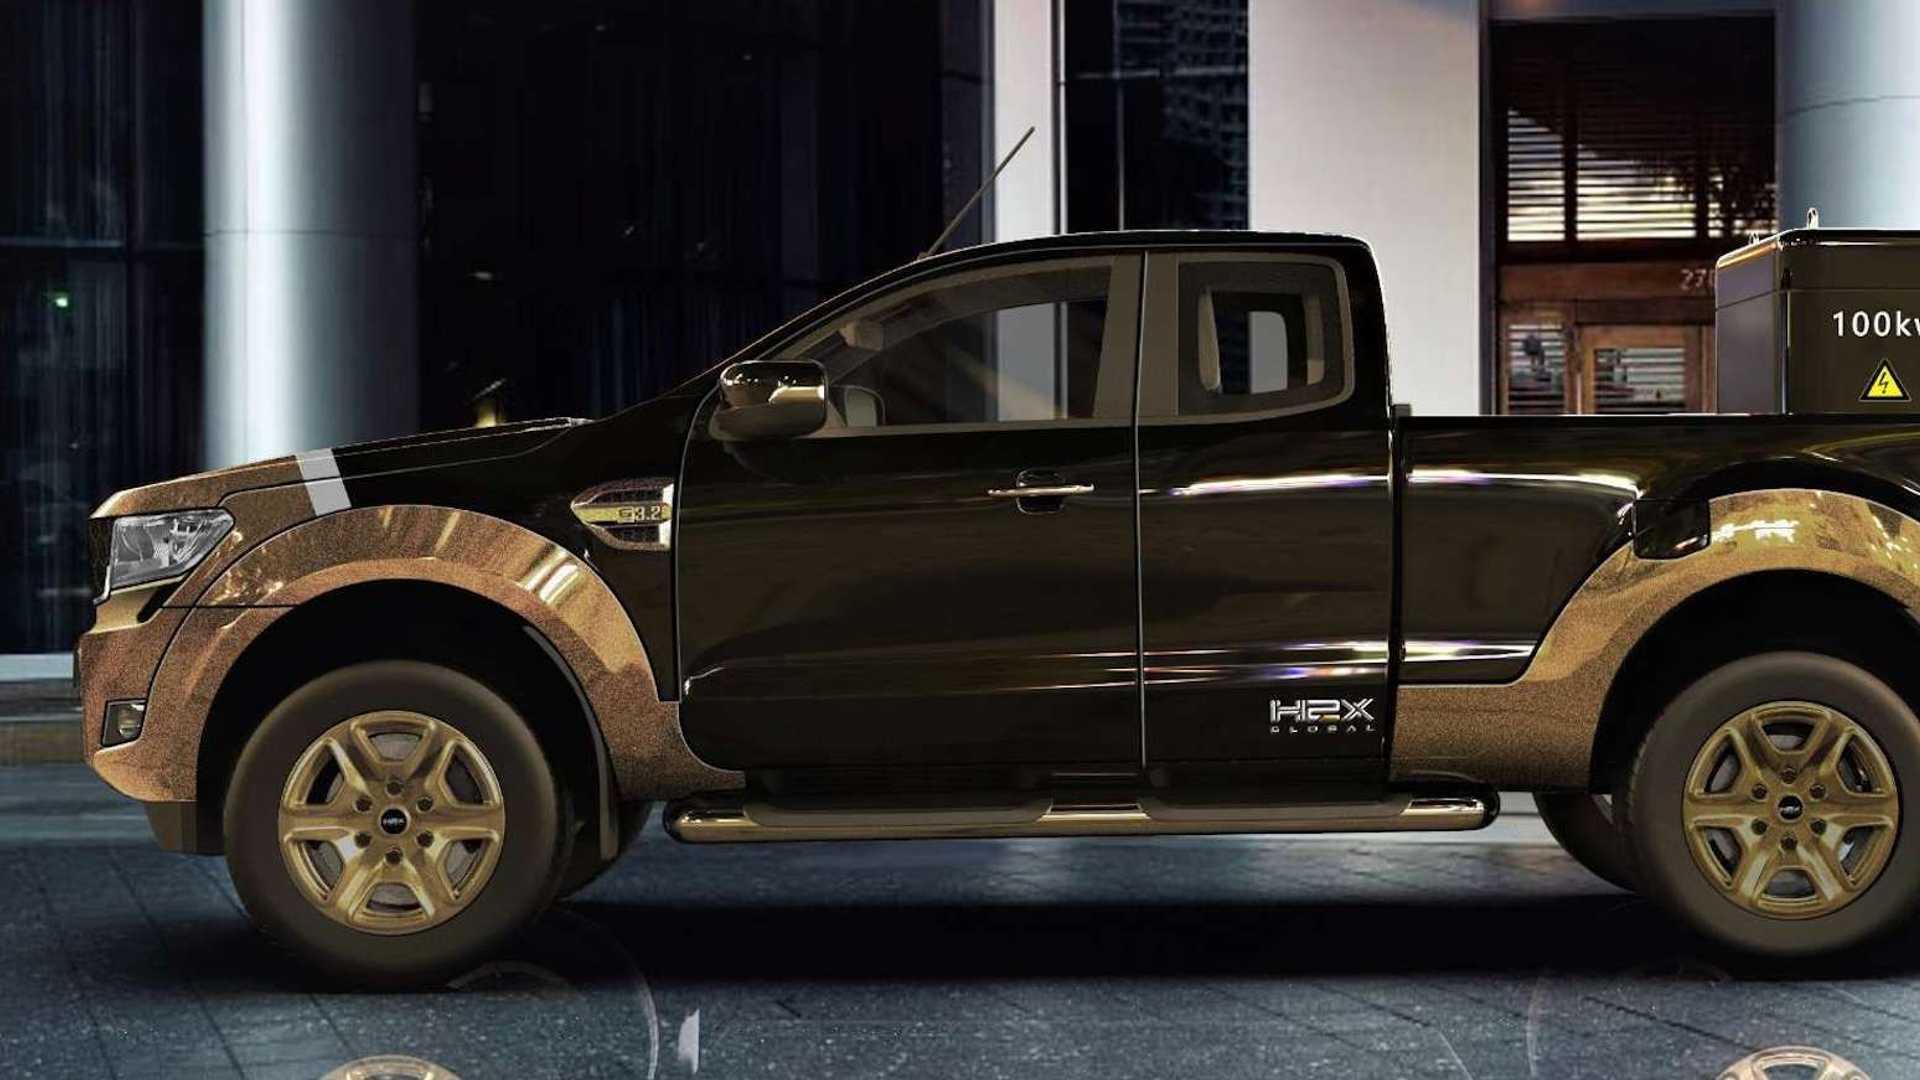 h2x-warrego-ford-ranger-hydrogen-fcev-4